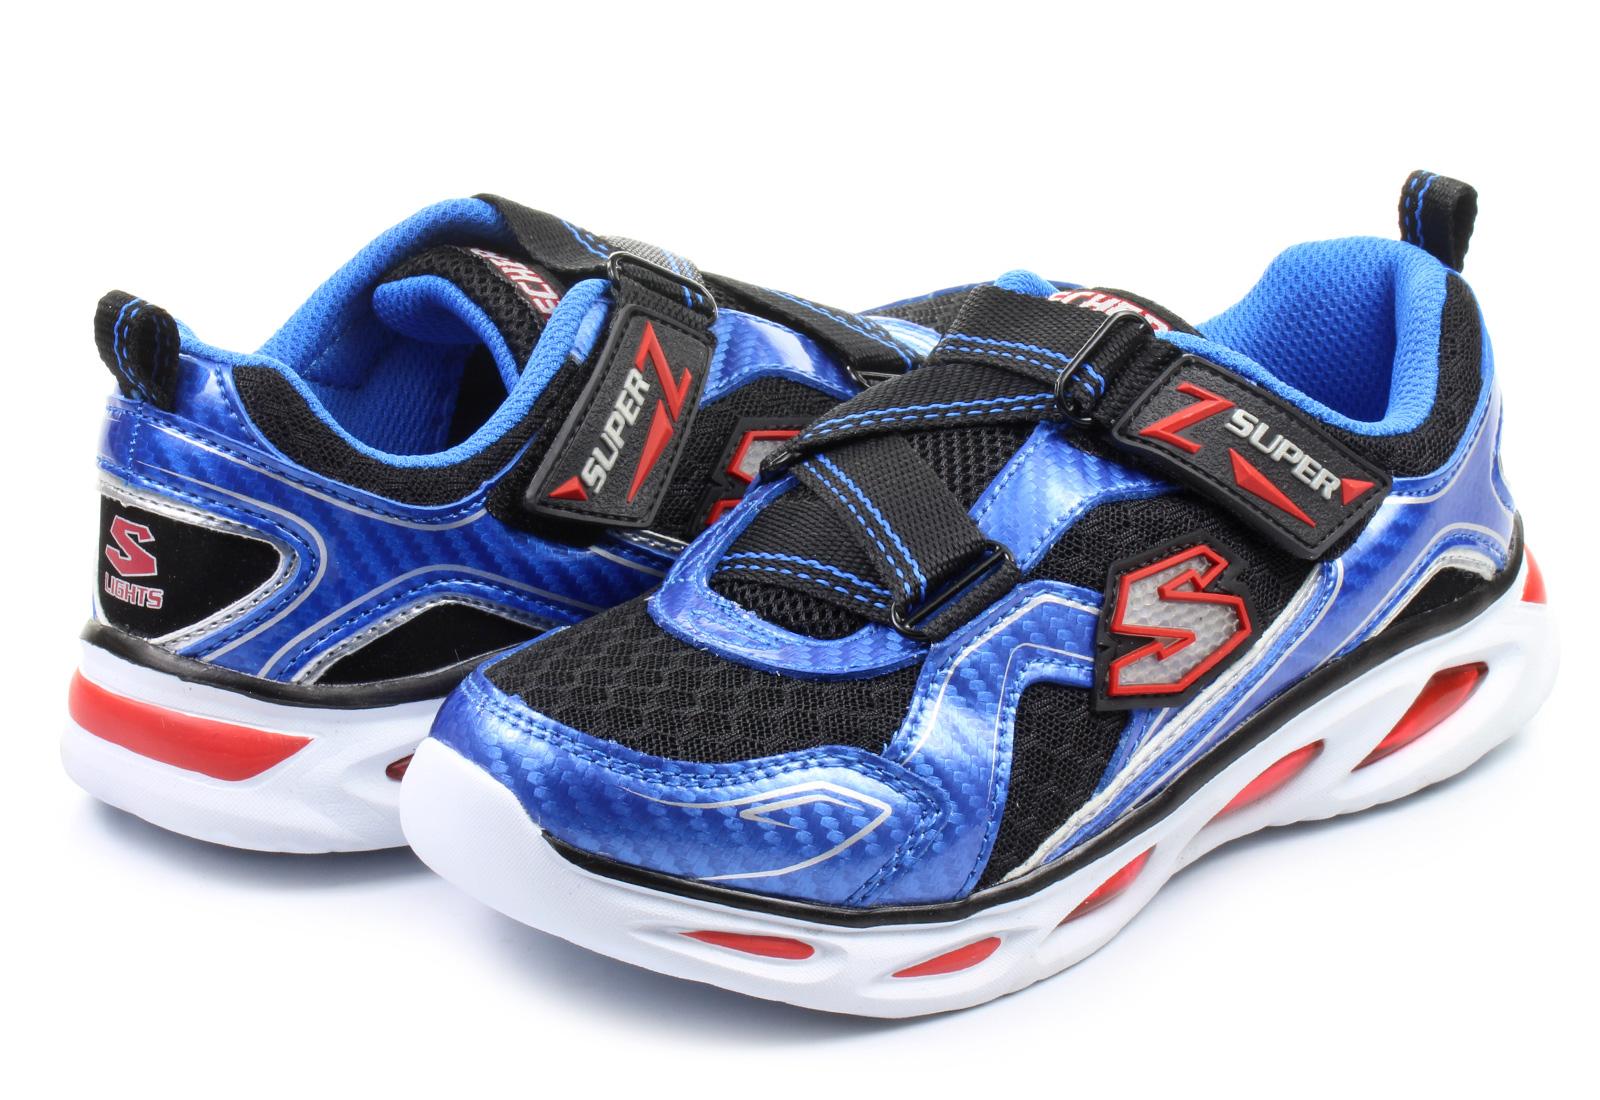 skechers shoes ipox light up 90385l blbk online shop for. Black Bedroom Furniture Sets. Home Design Ideas